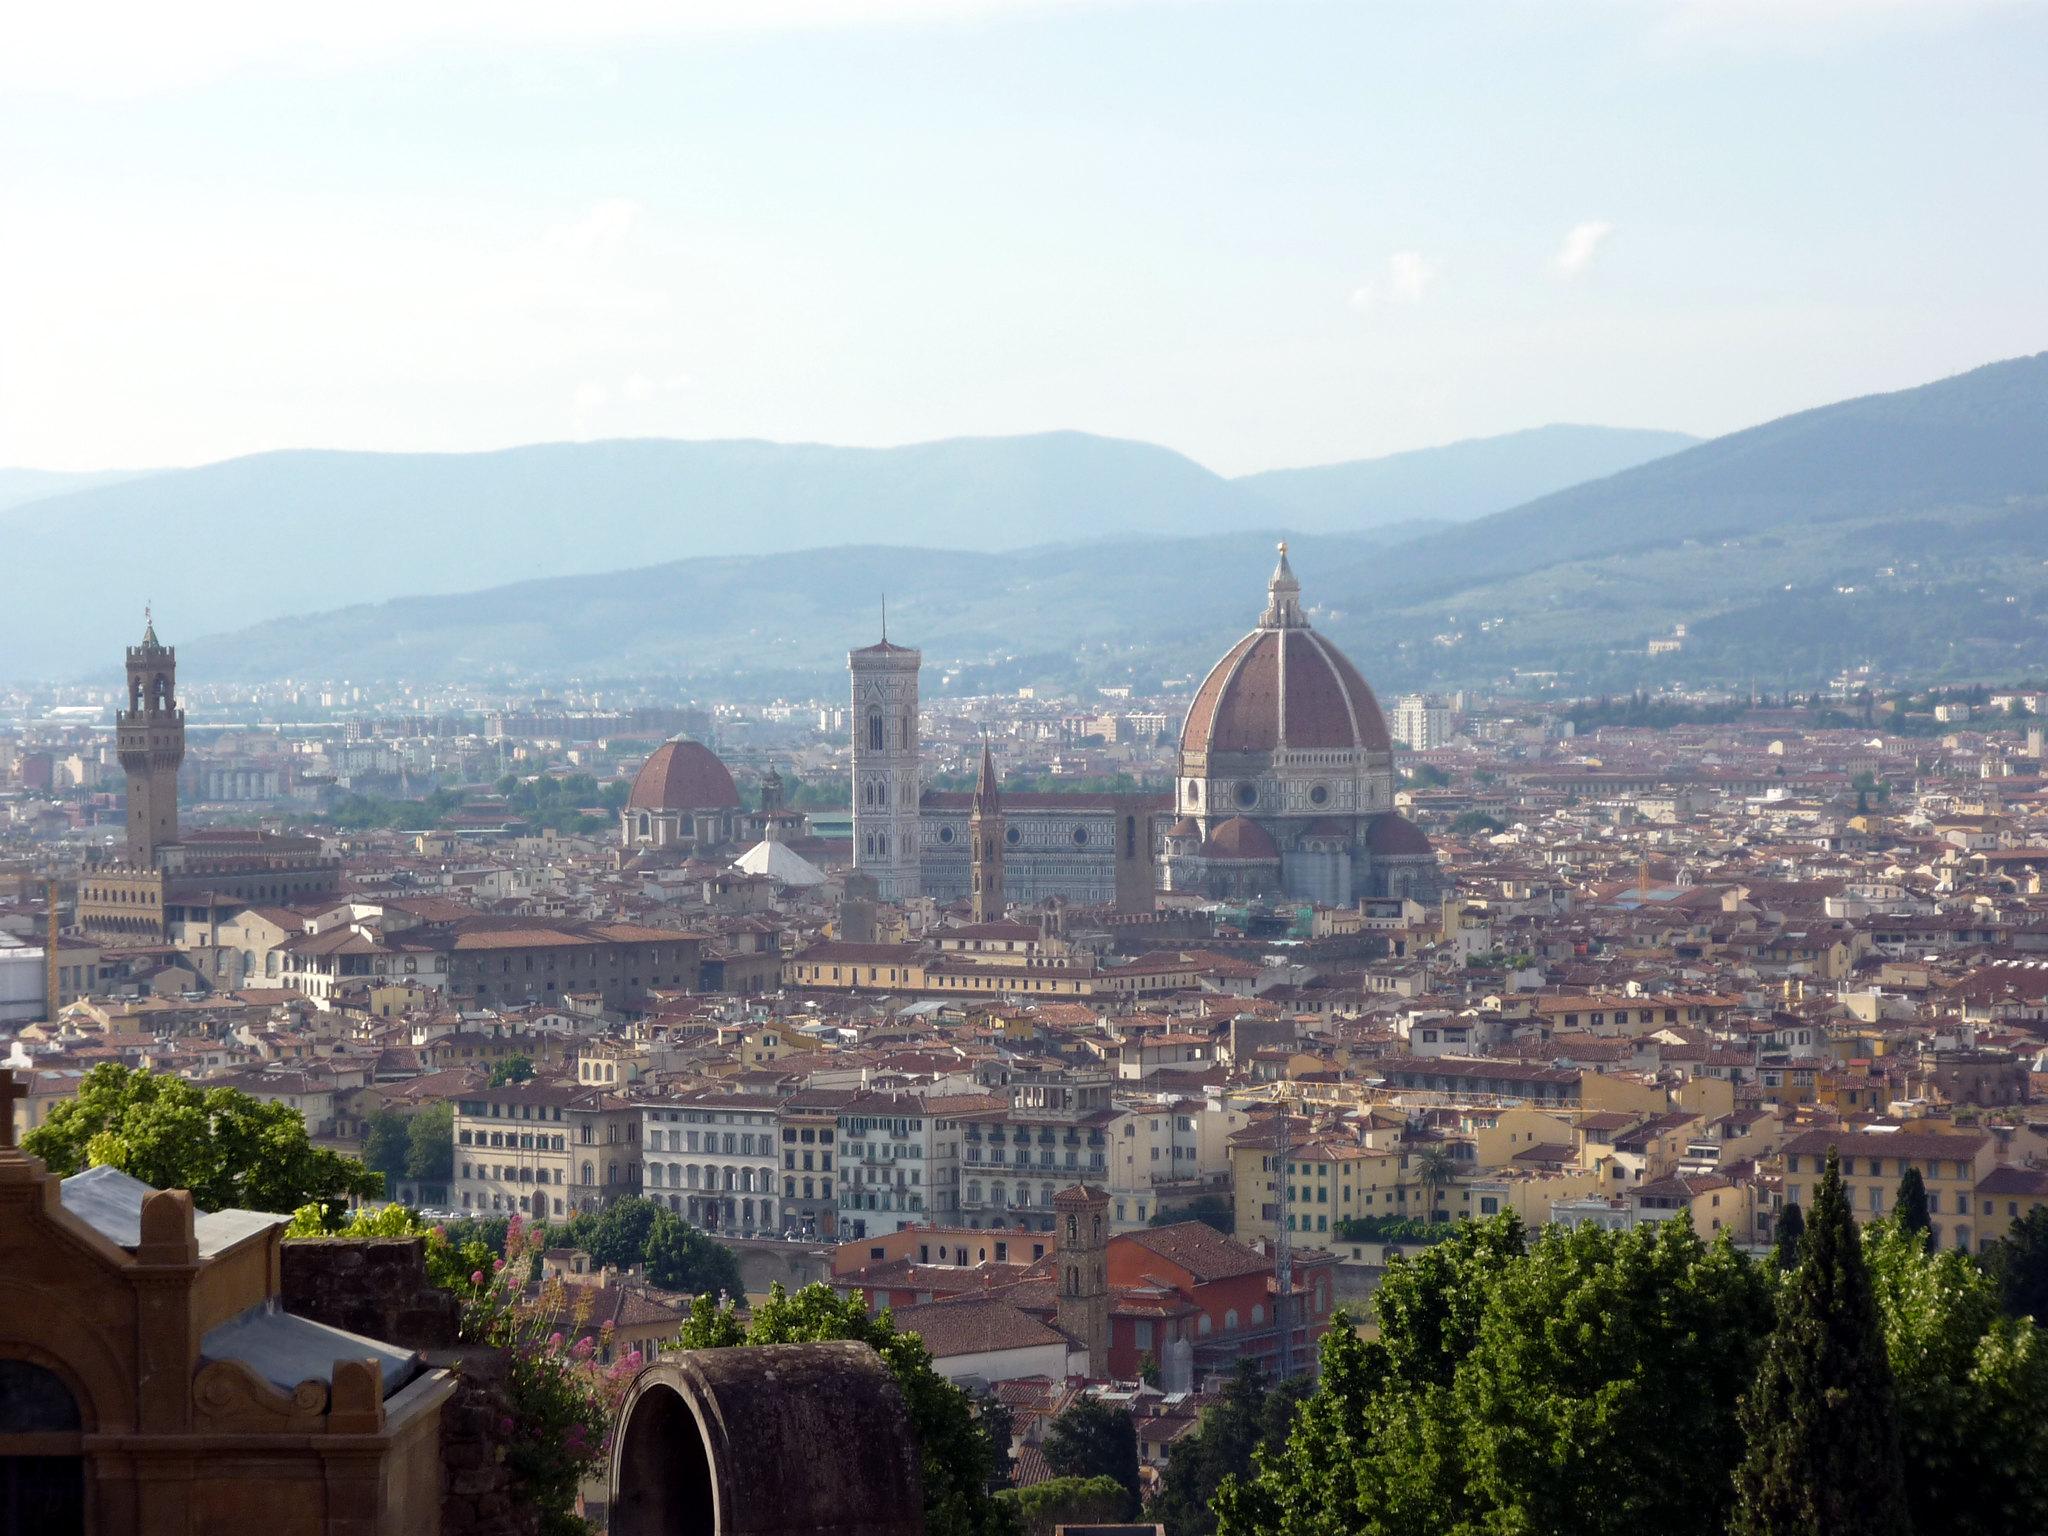 2013 - Gita a Firenze